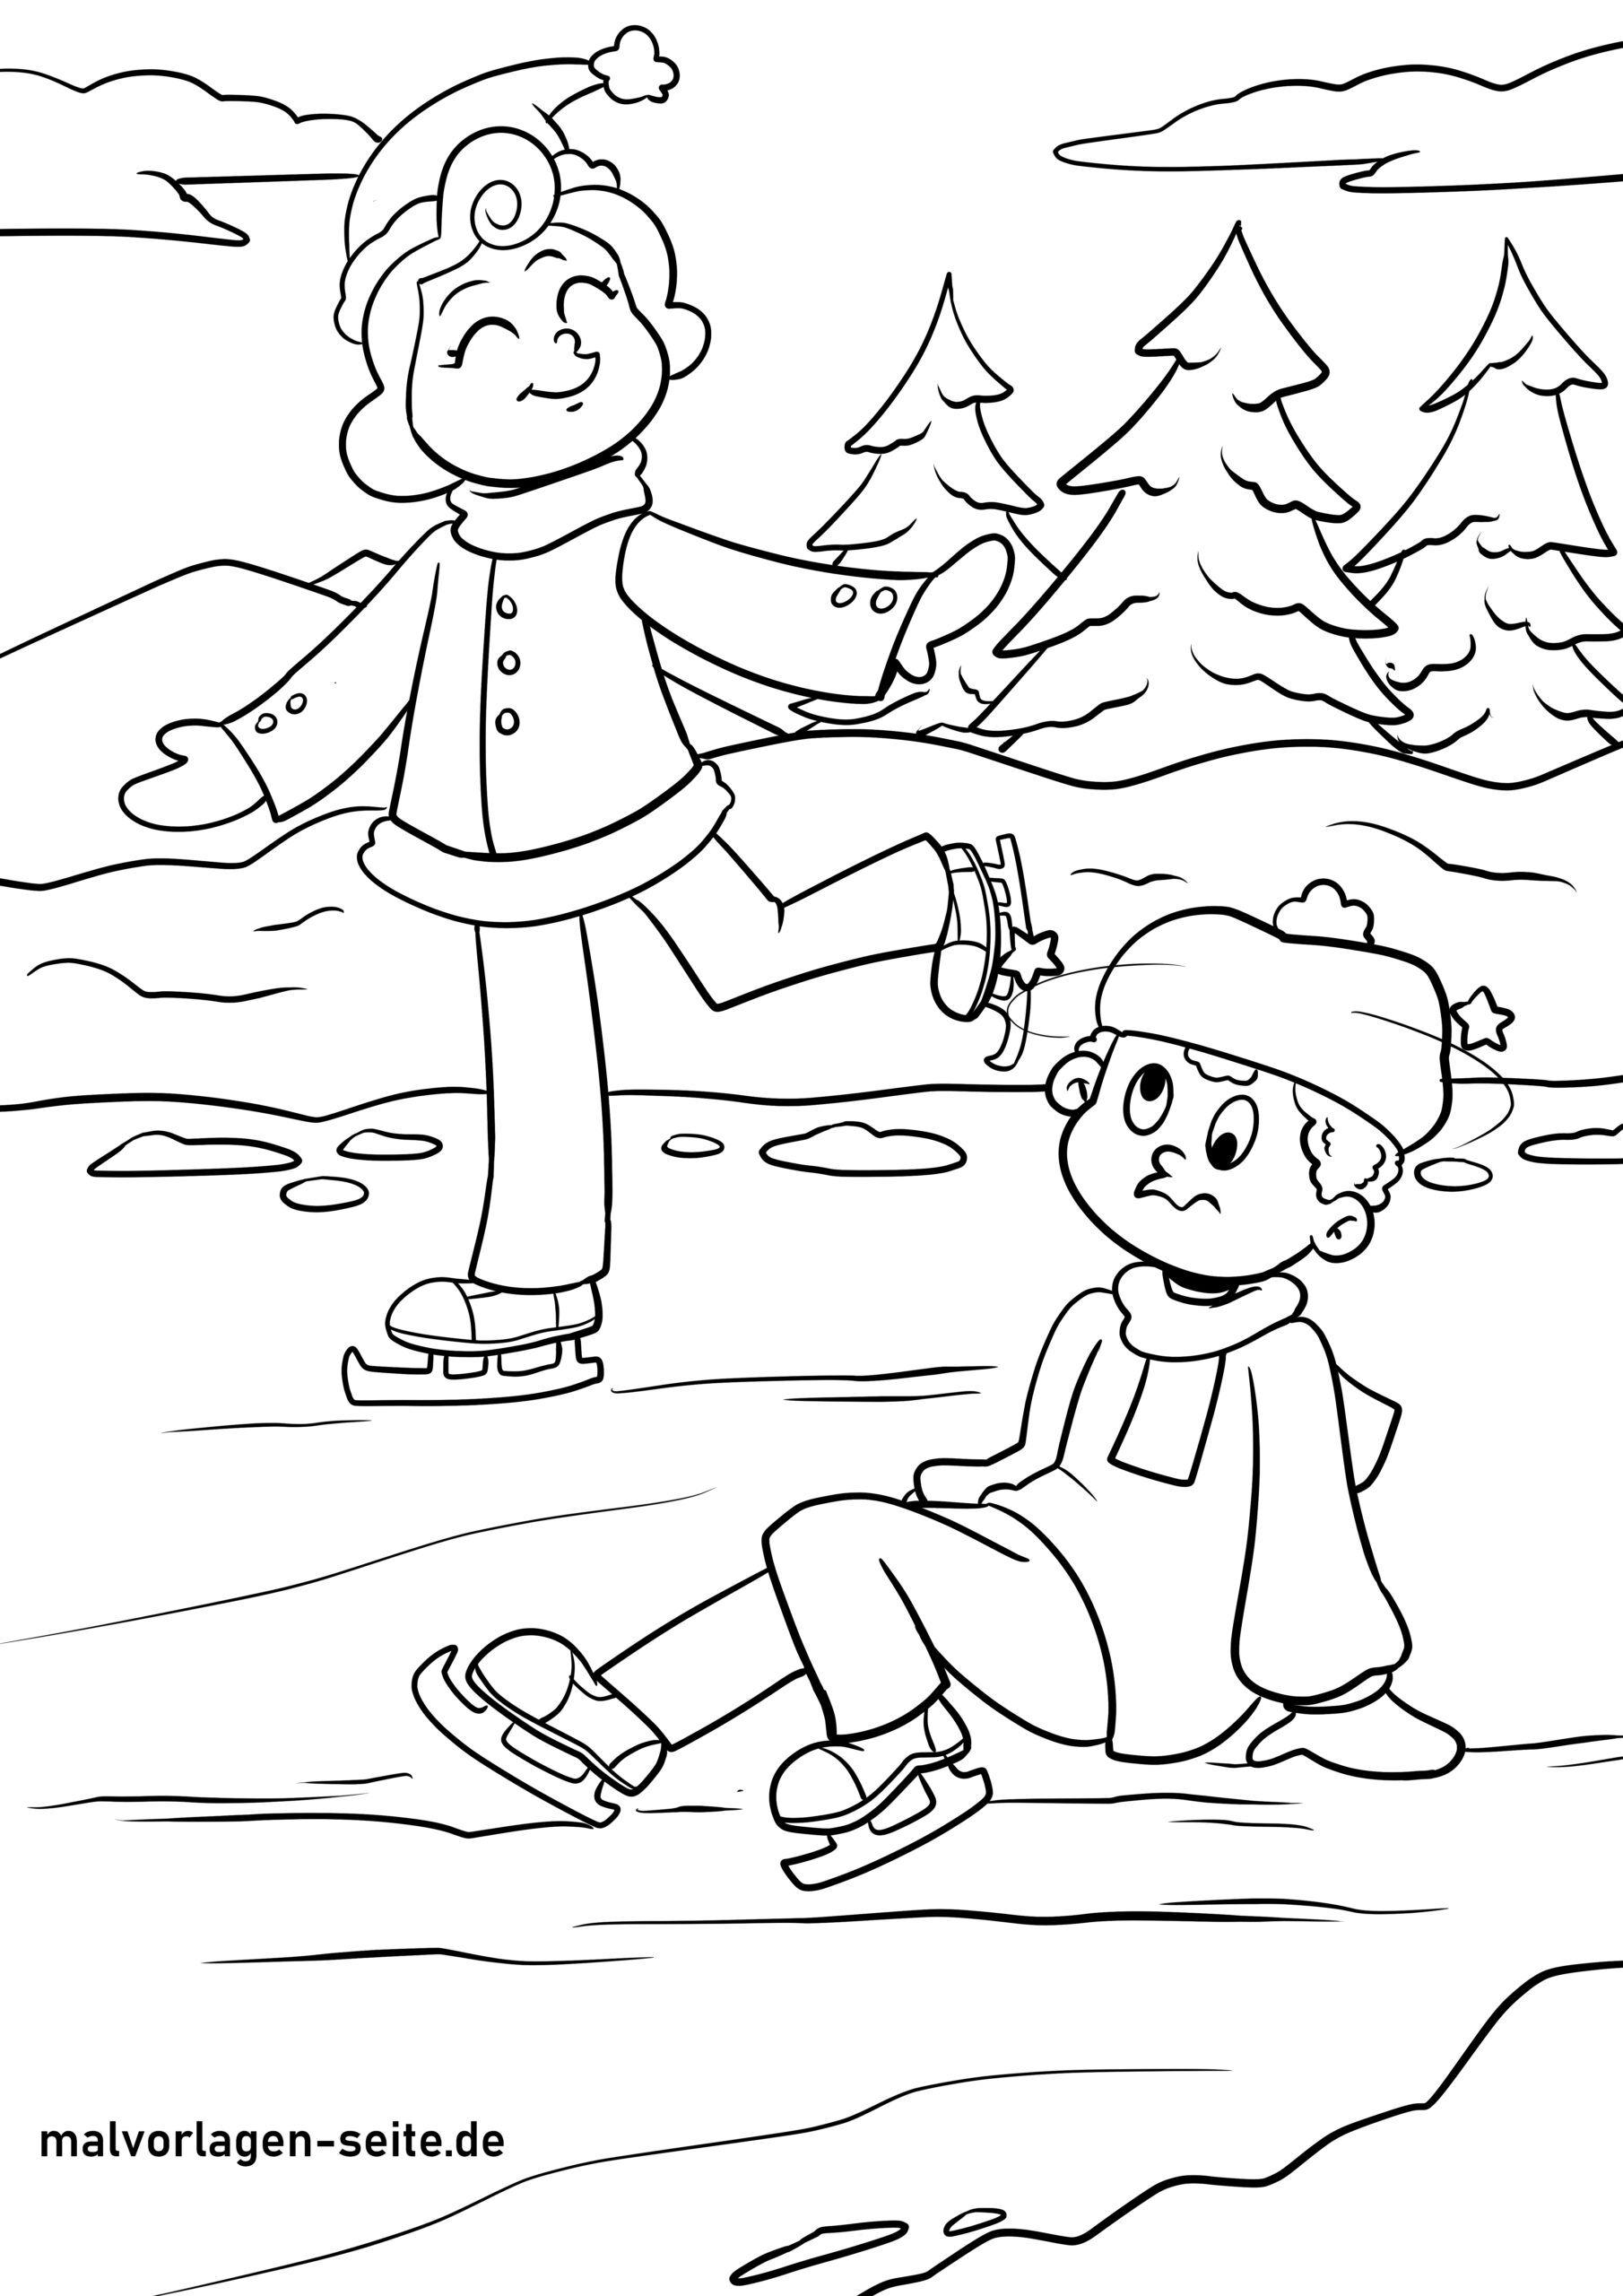 Malvorlage Schlittschuh fahren - Wintersport - Kostenlose Ausmalbilder